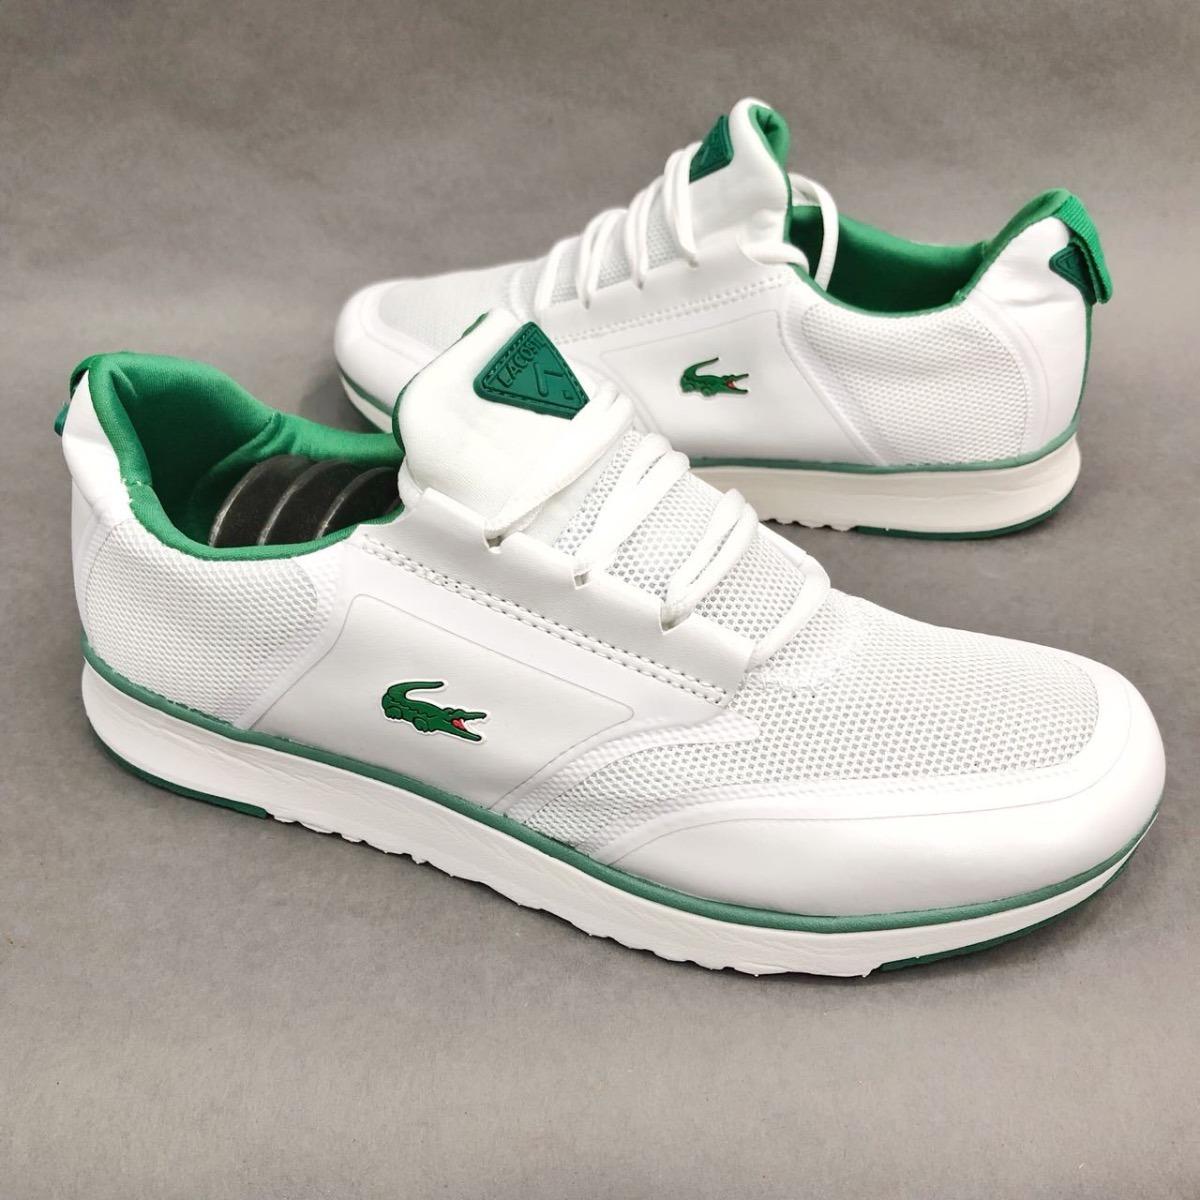 3e81398a986 tenis zapatillas lacoste sport 78 blanca verde hombre env. Cargando zoom.